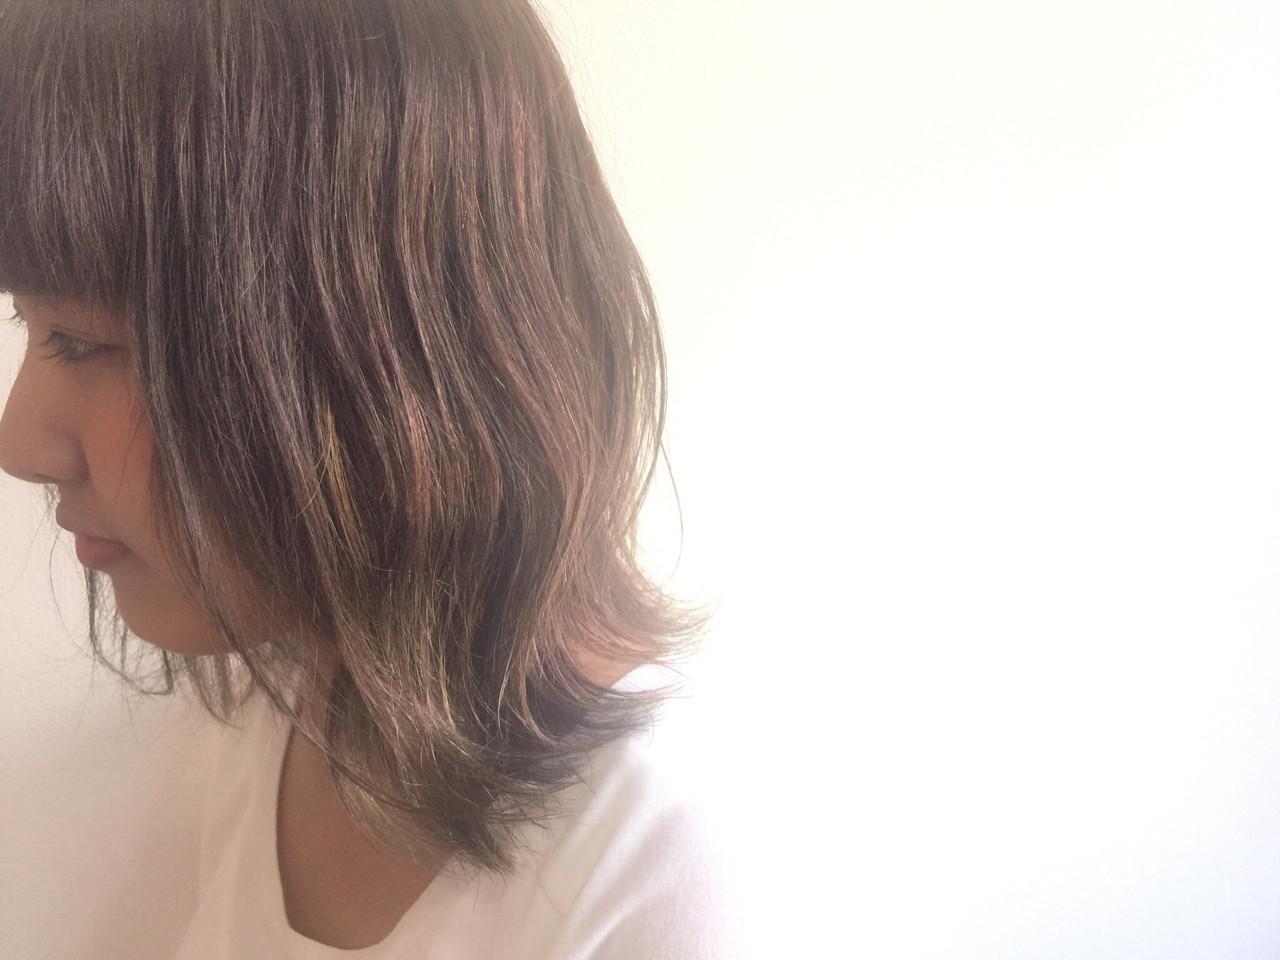 グラデーションカラー 外ハネ ストリート 暗髪 ヘアスタイルや髪型の写真・画像 | Hiroshi Kuroe 尼崎 / K'LipbyTAL'KE